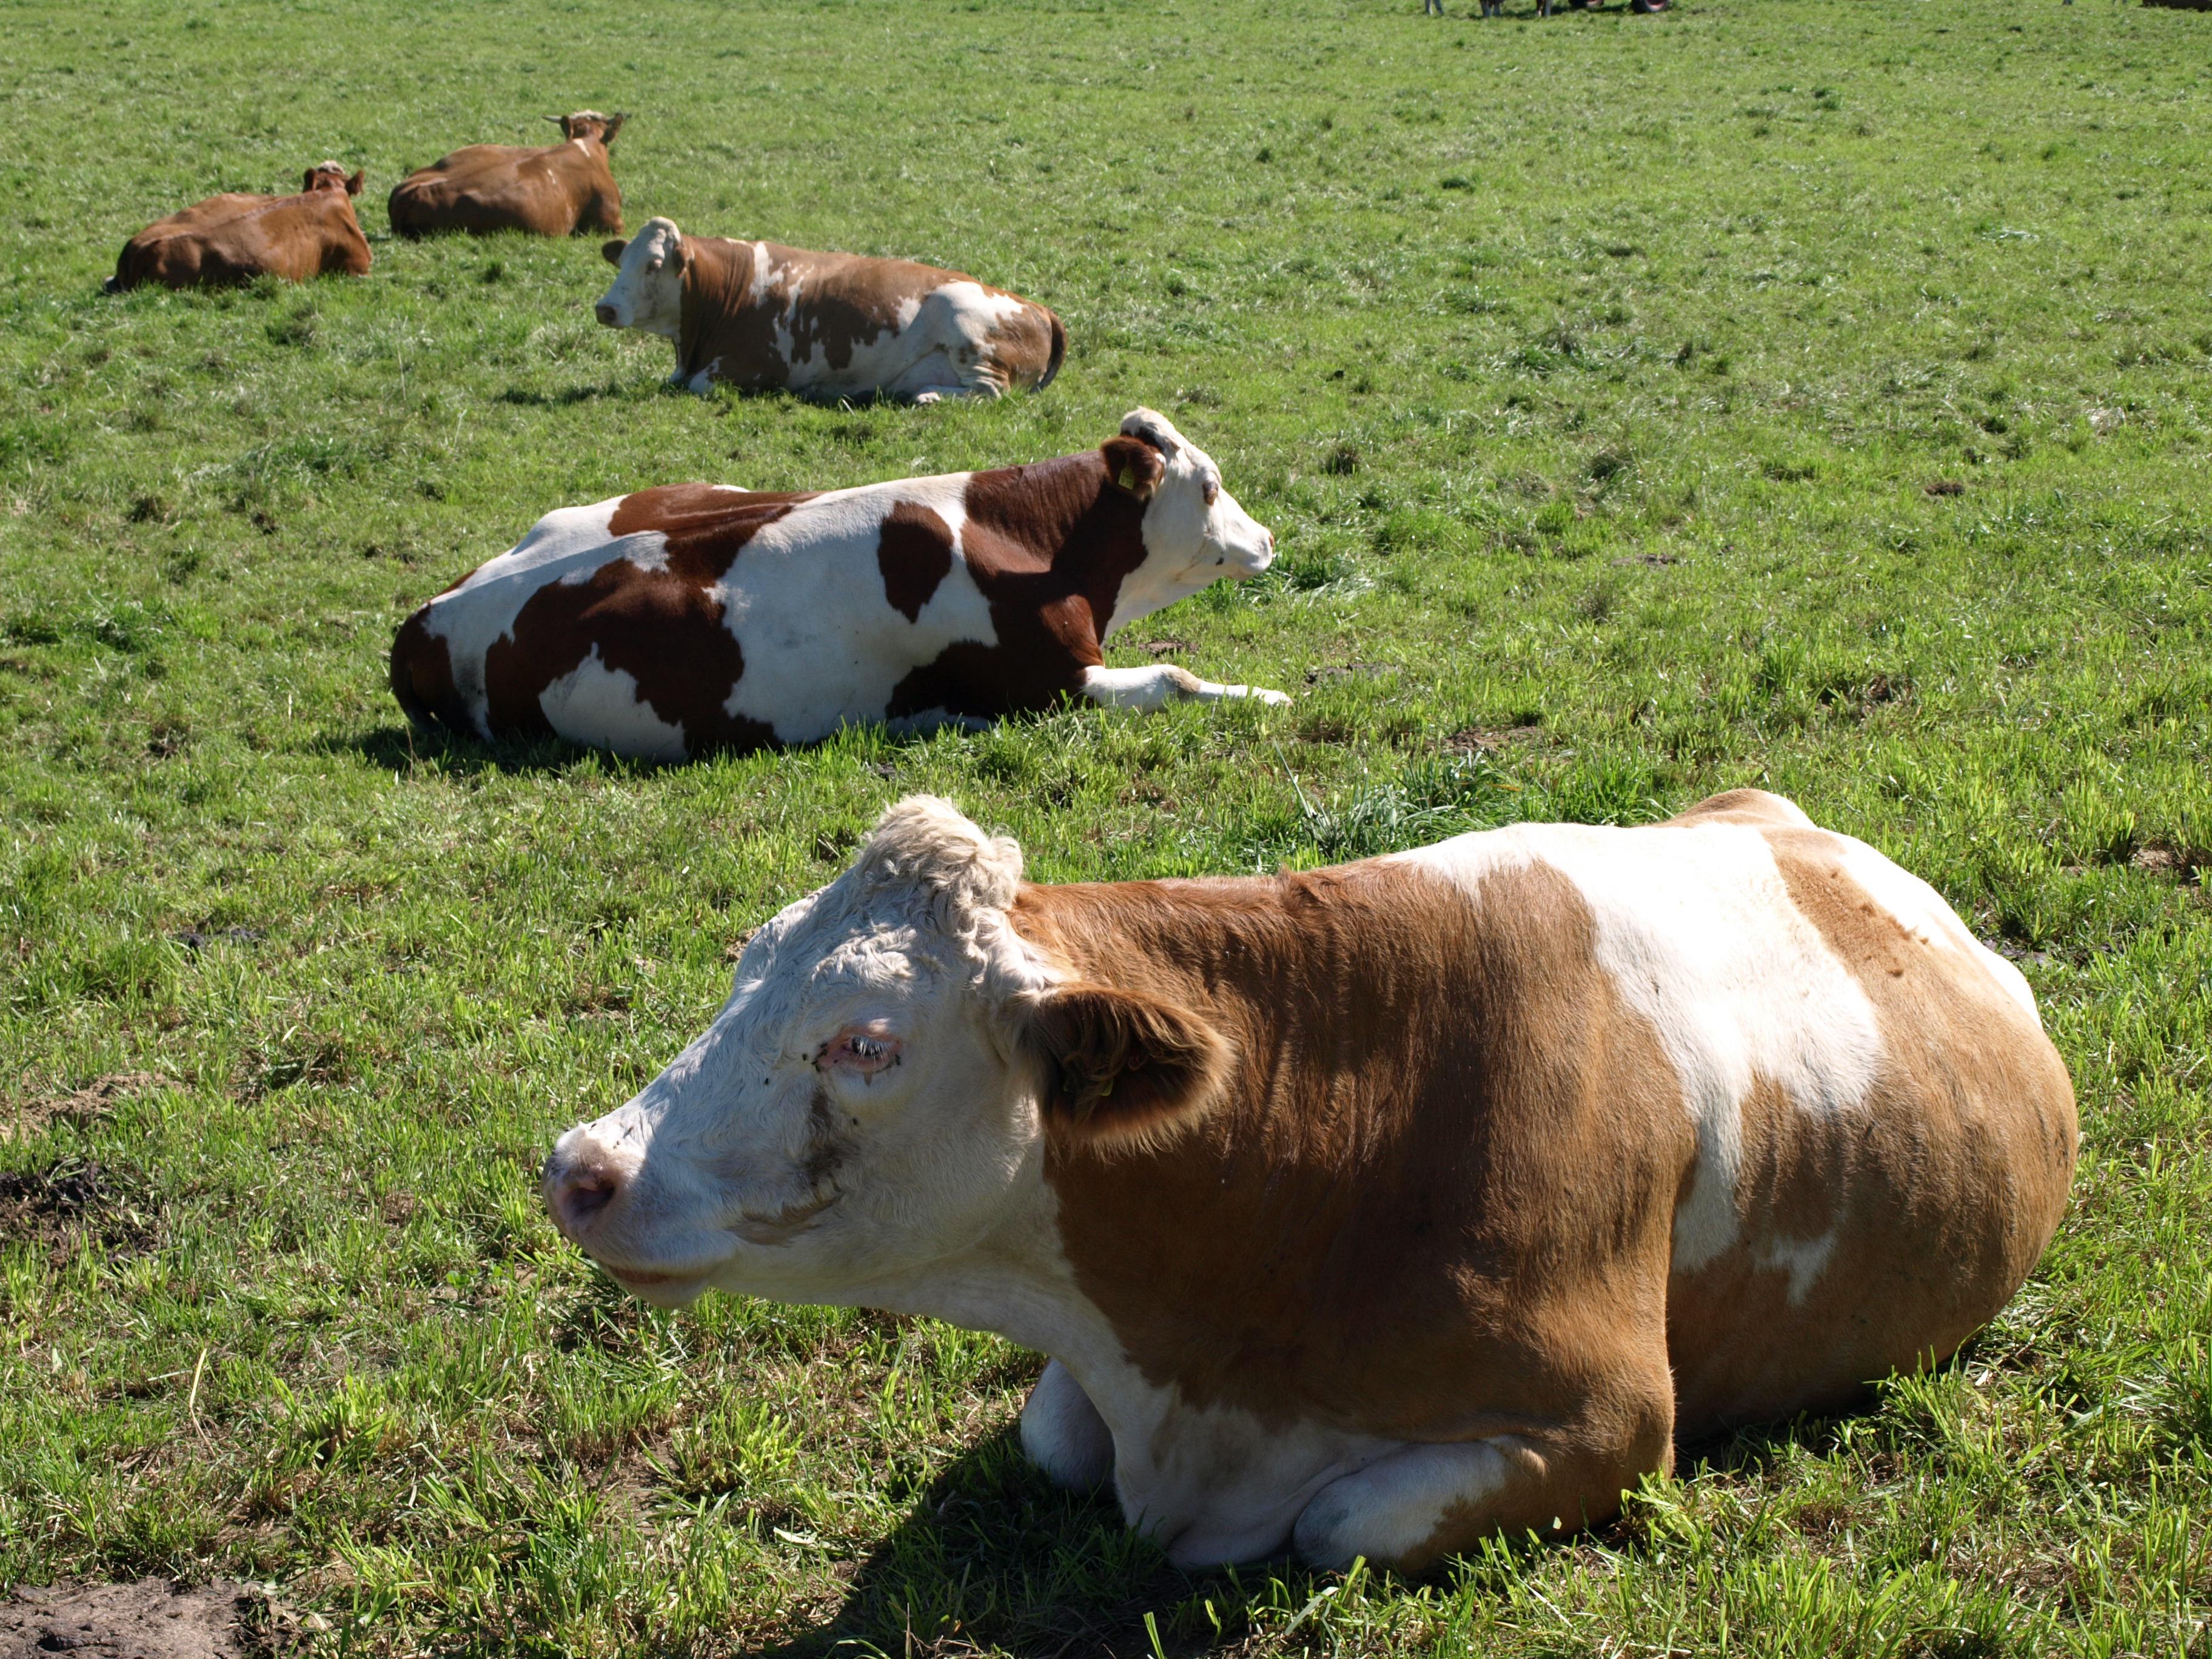 Auf fruchtbarem Boden – Warum die Landwirtschaft Reformen braucht